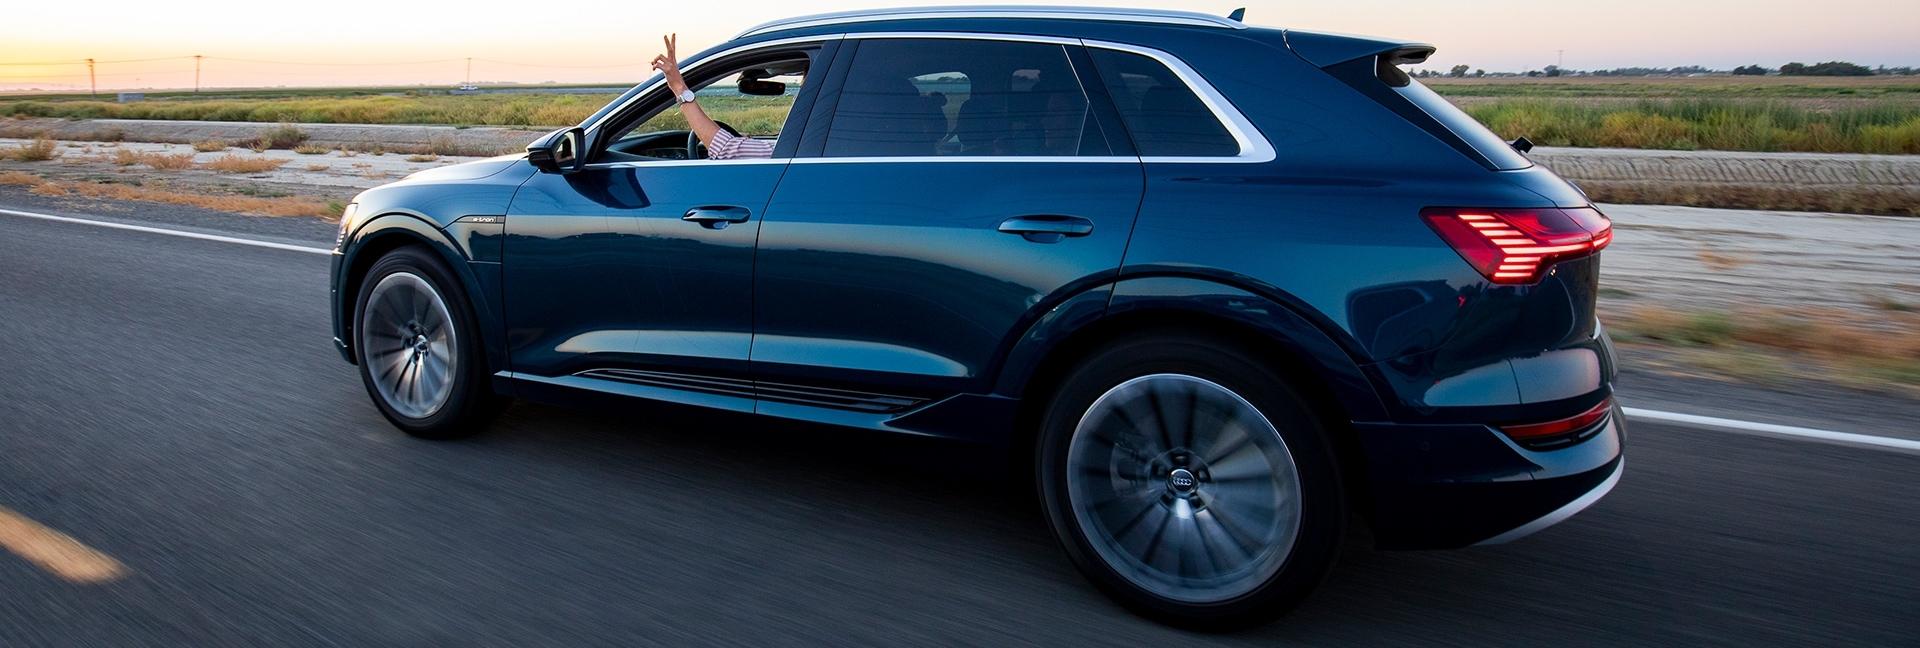 Audi e-tron na cesti, na podeželju. Voznik steguje roko čez okno.